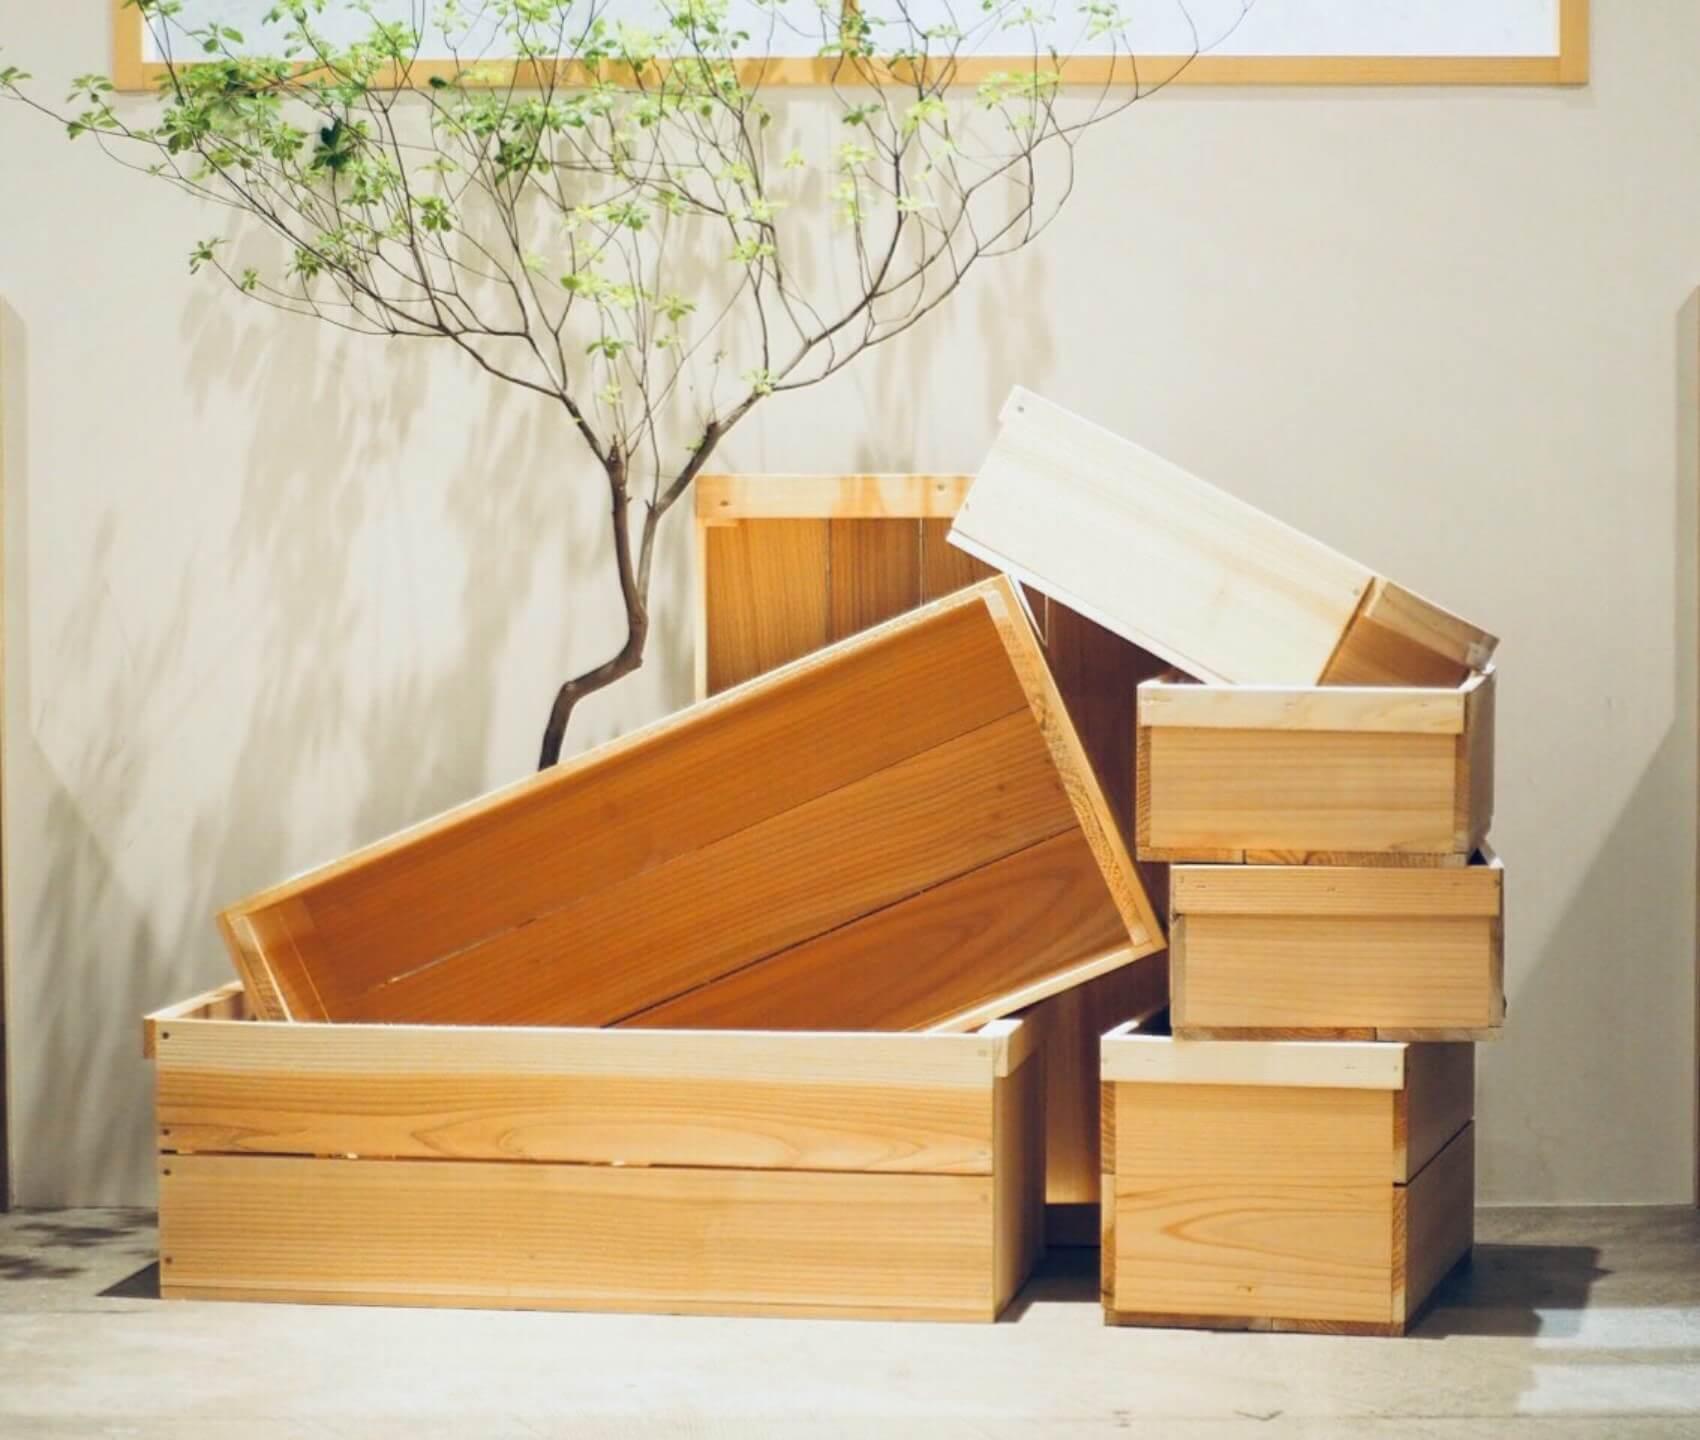 グッドルーム錦糸町PARCO店では、『畠山商店』の杉材の木箱を取り扱っています(アイテム紹介はこちら)